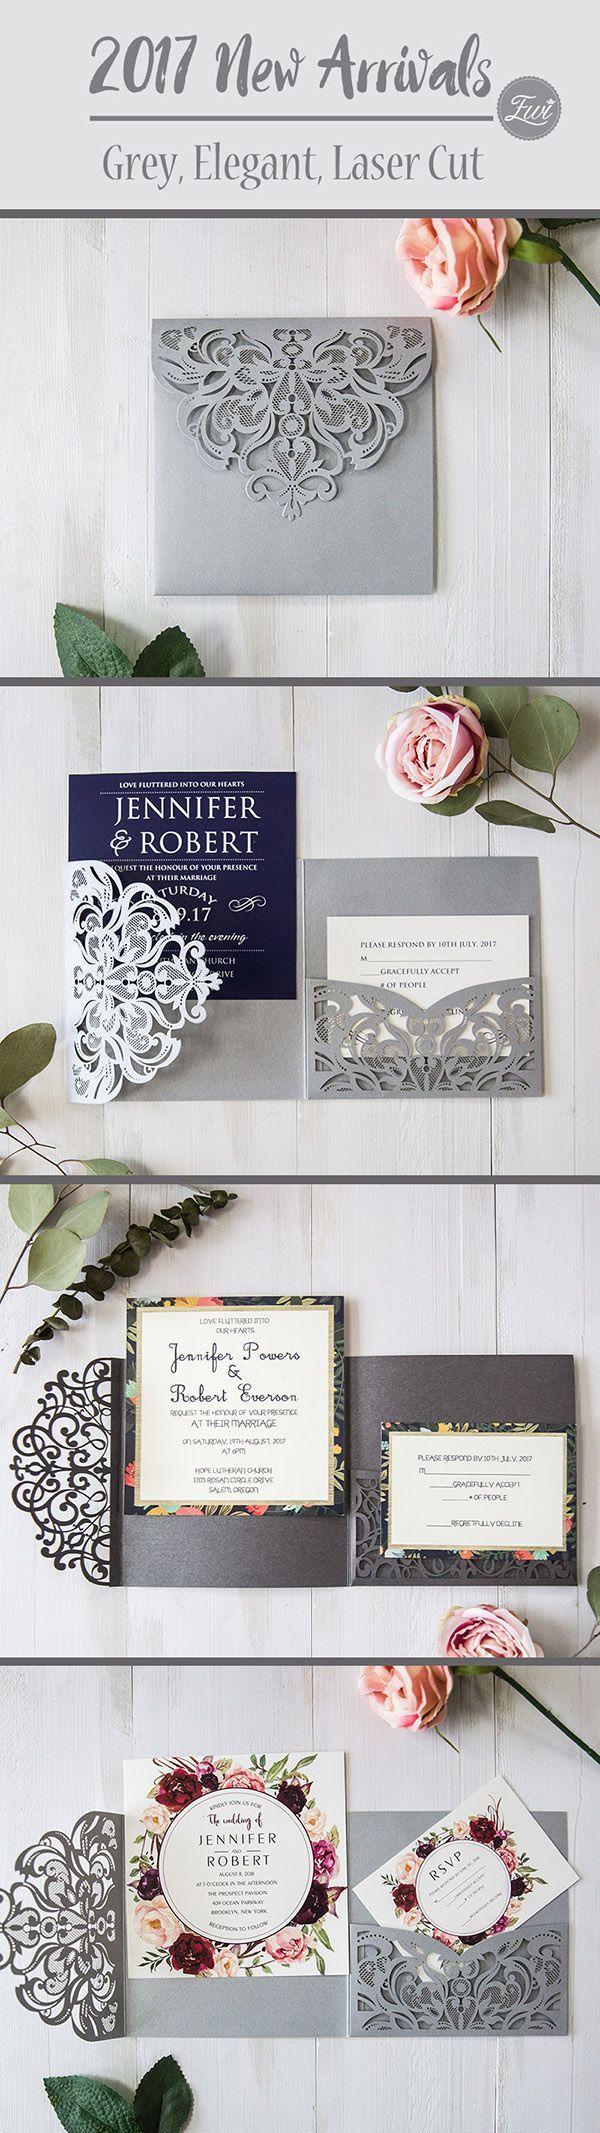 laser cut wedding invites canada%0A EWI      New Arrivalsgrey laser cut wedding invitations